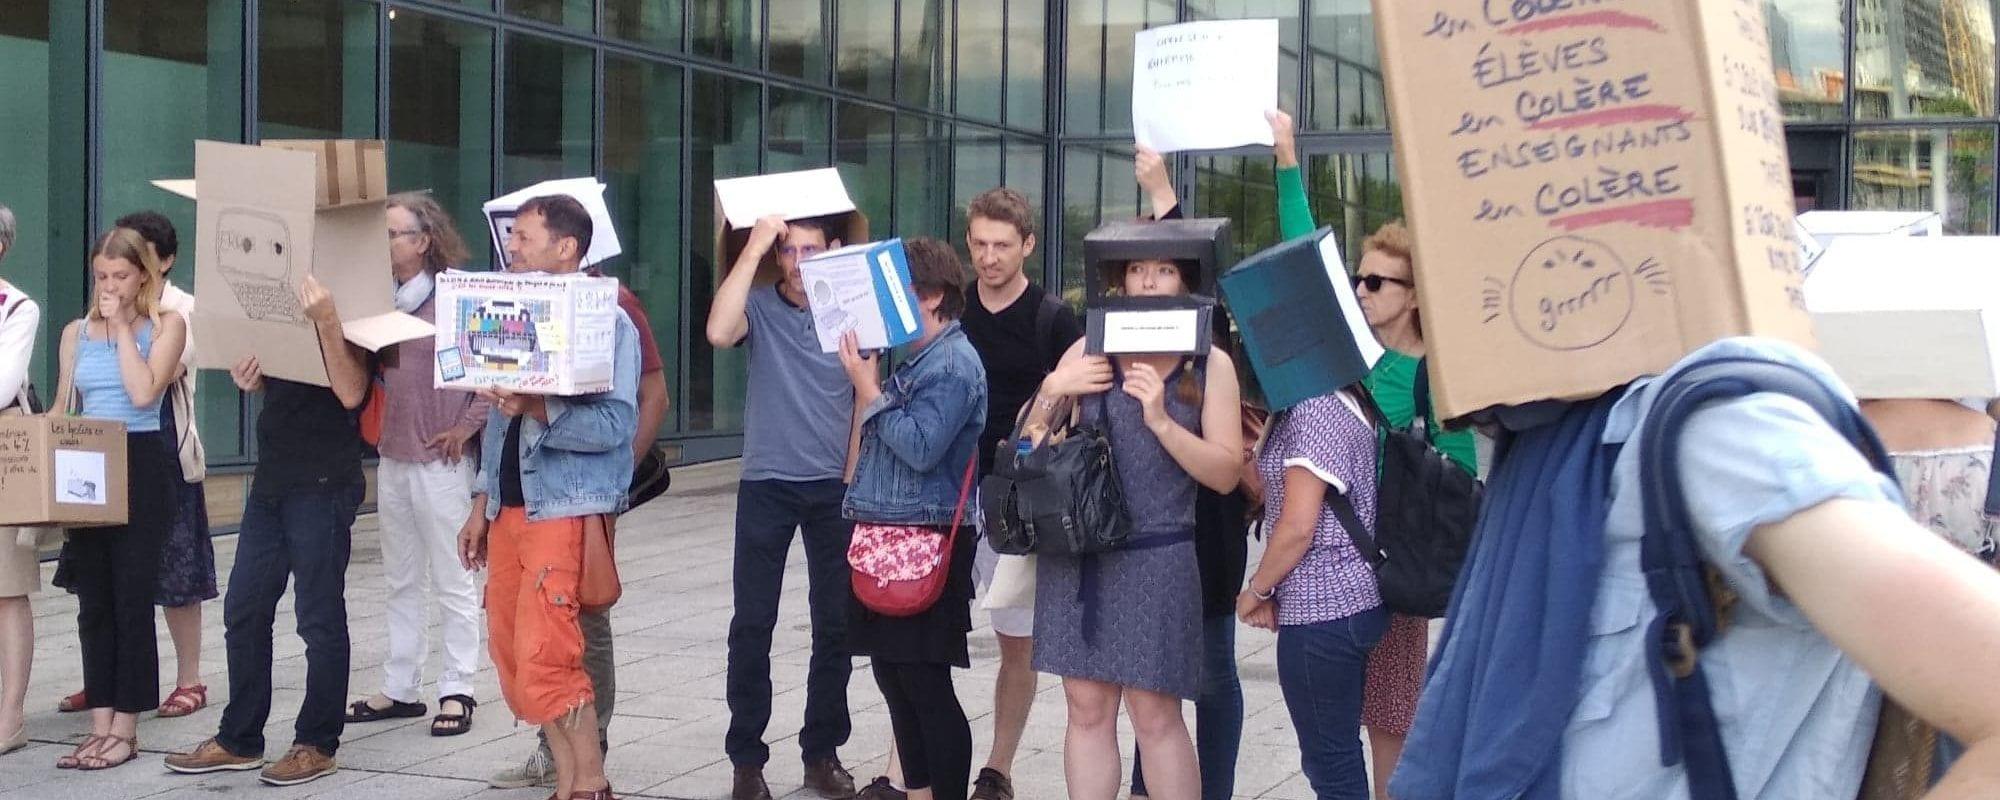 Des enseignants se mobilisent contre la numérisation des livres au lycée